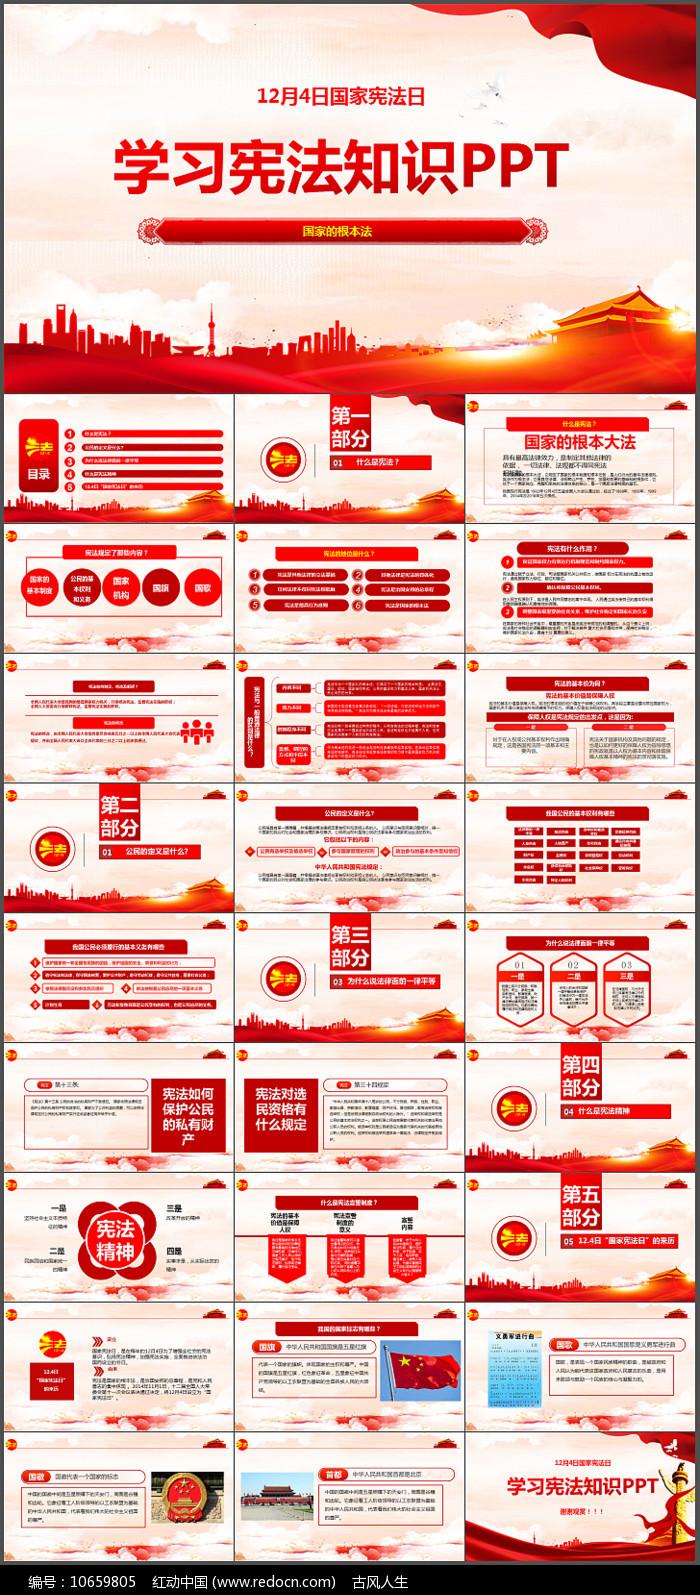 12.4国家宪法日宪法PPT模板图片